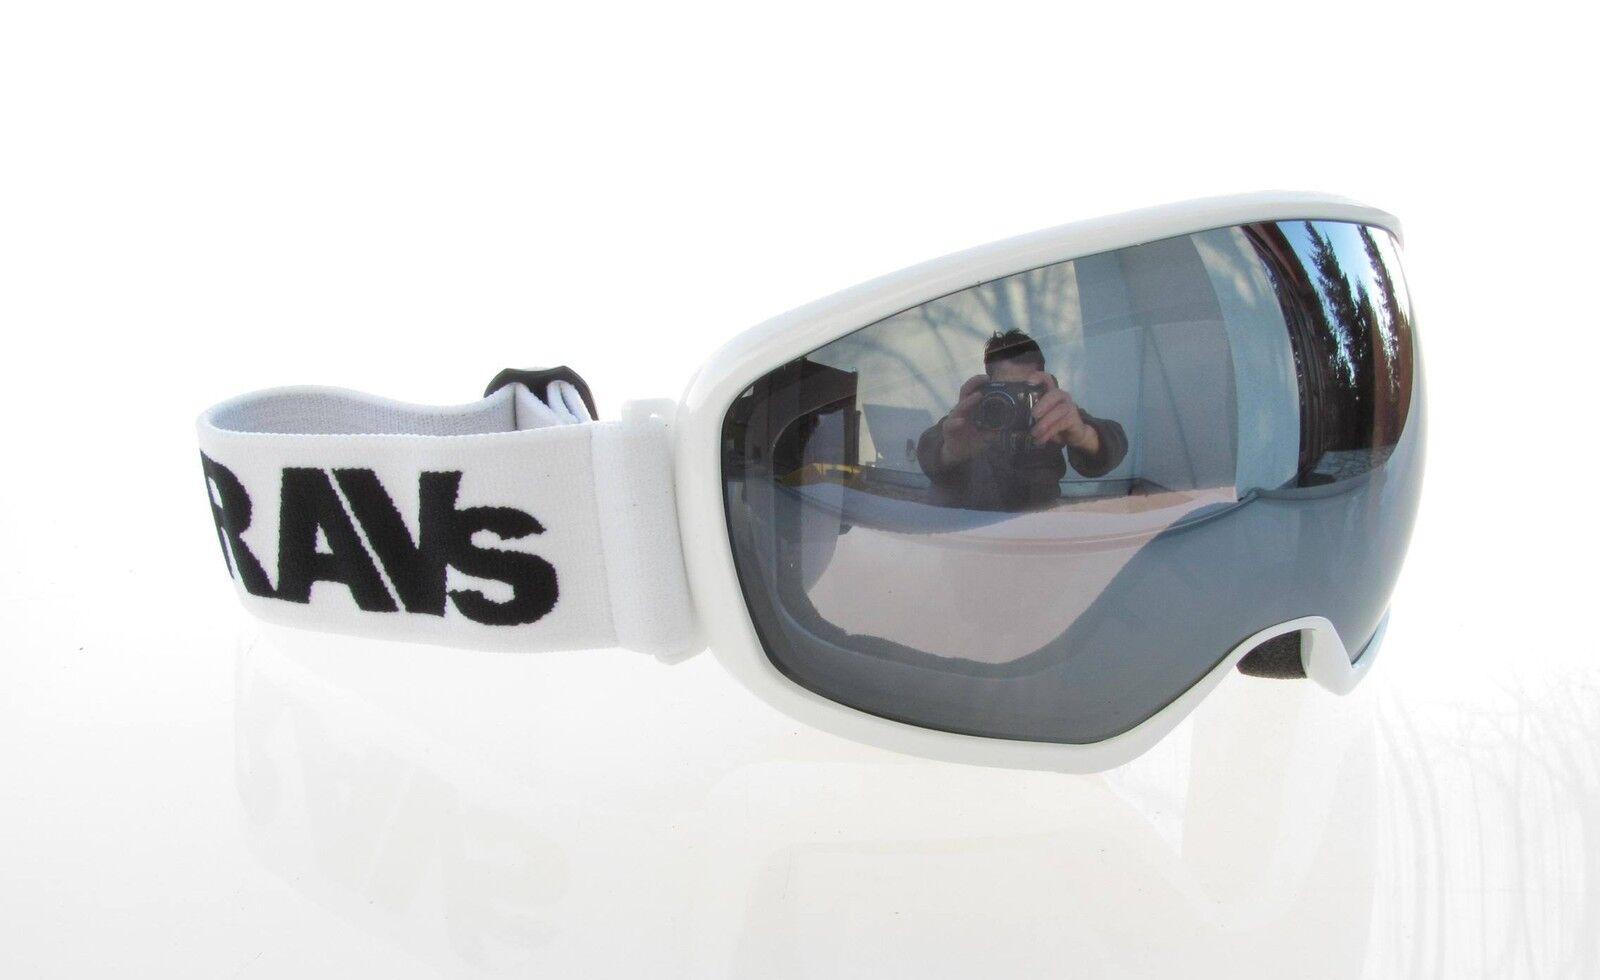 RAVS  SKIBRILLE - SNOWBOARDBRILLE - - - -SKI ALPIN  GOGGLE Doublen Lens Antifog    In hohem Grade geschätzt und weit vertrautes herein und heraus  f2f2c9